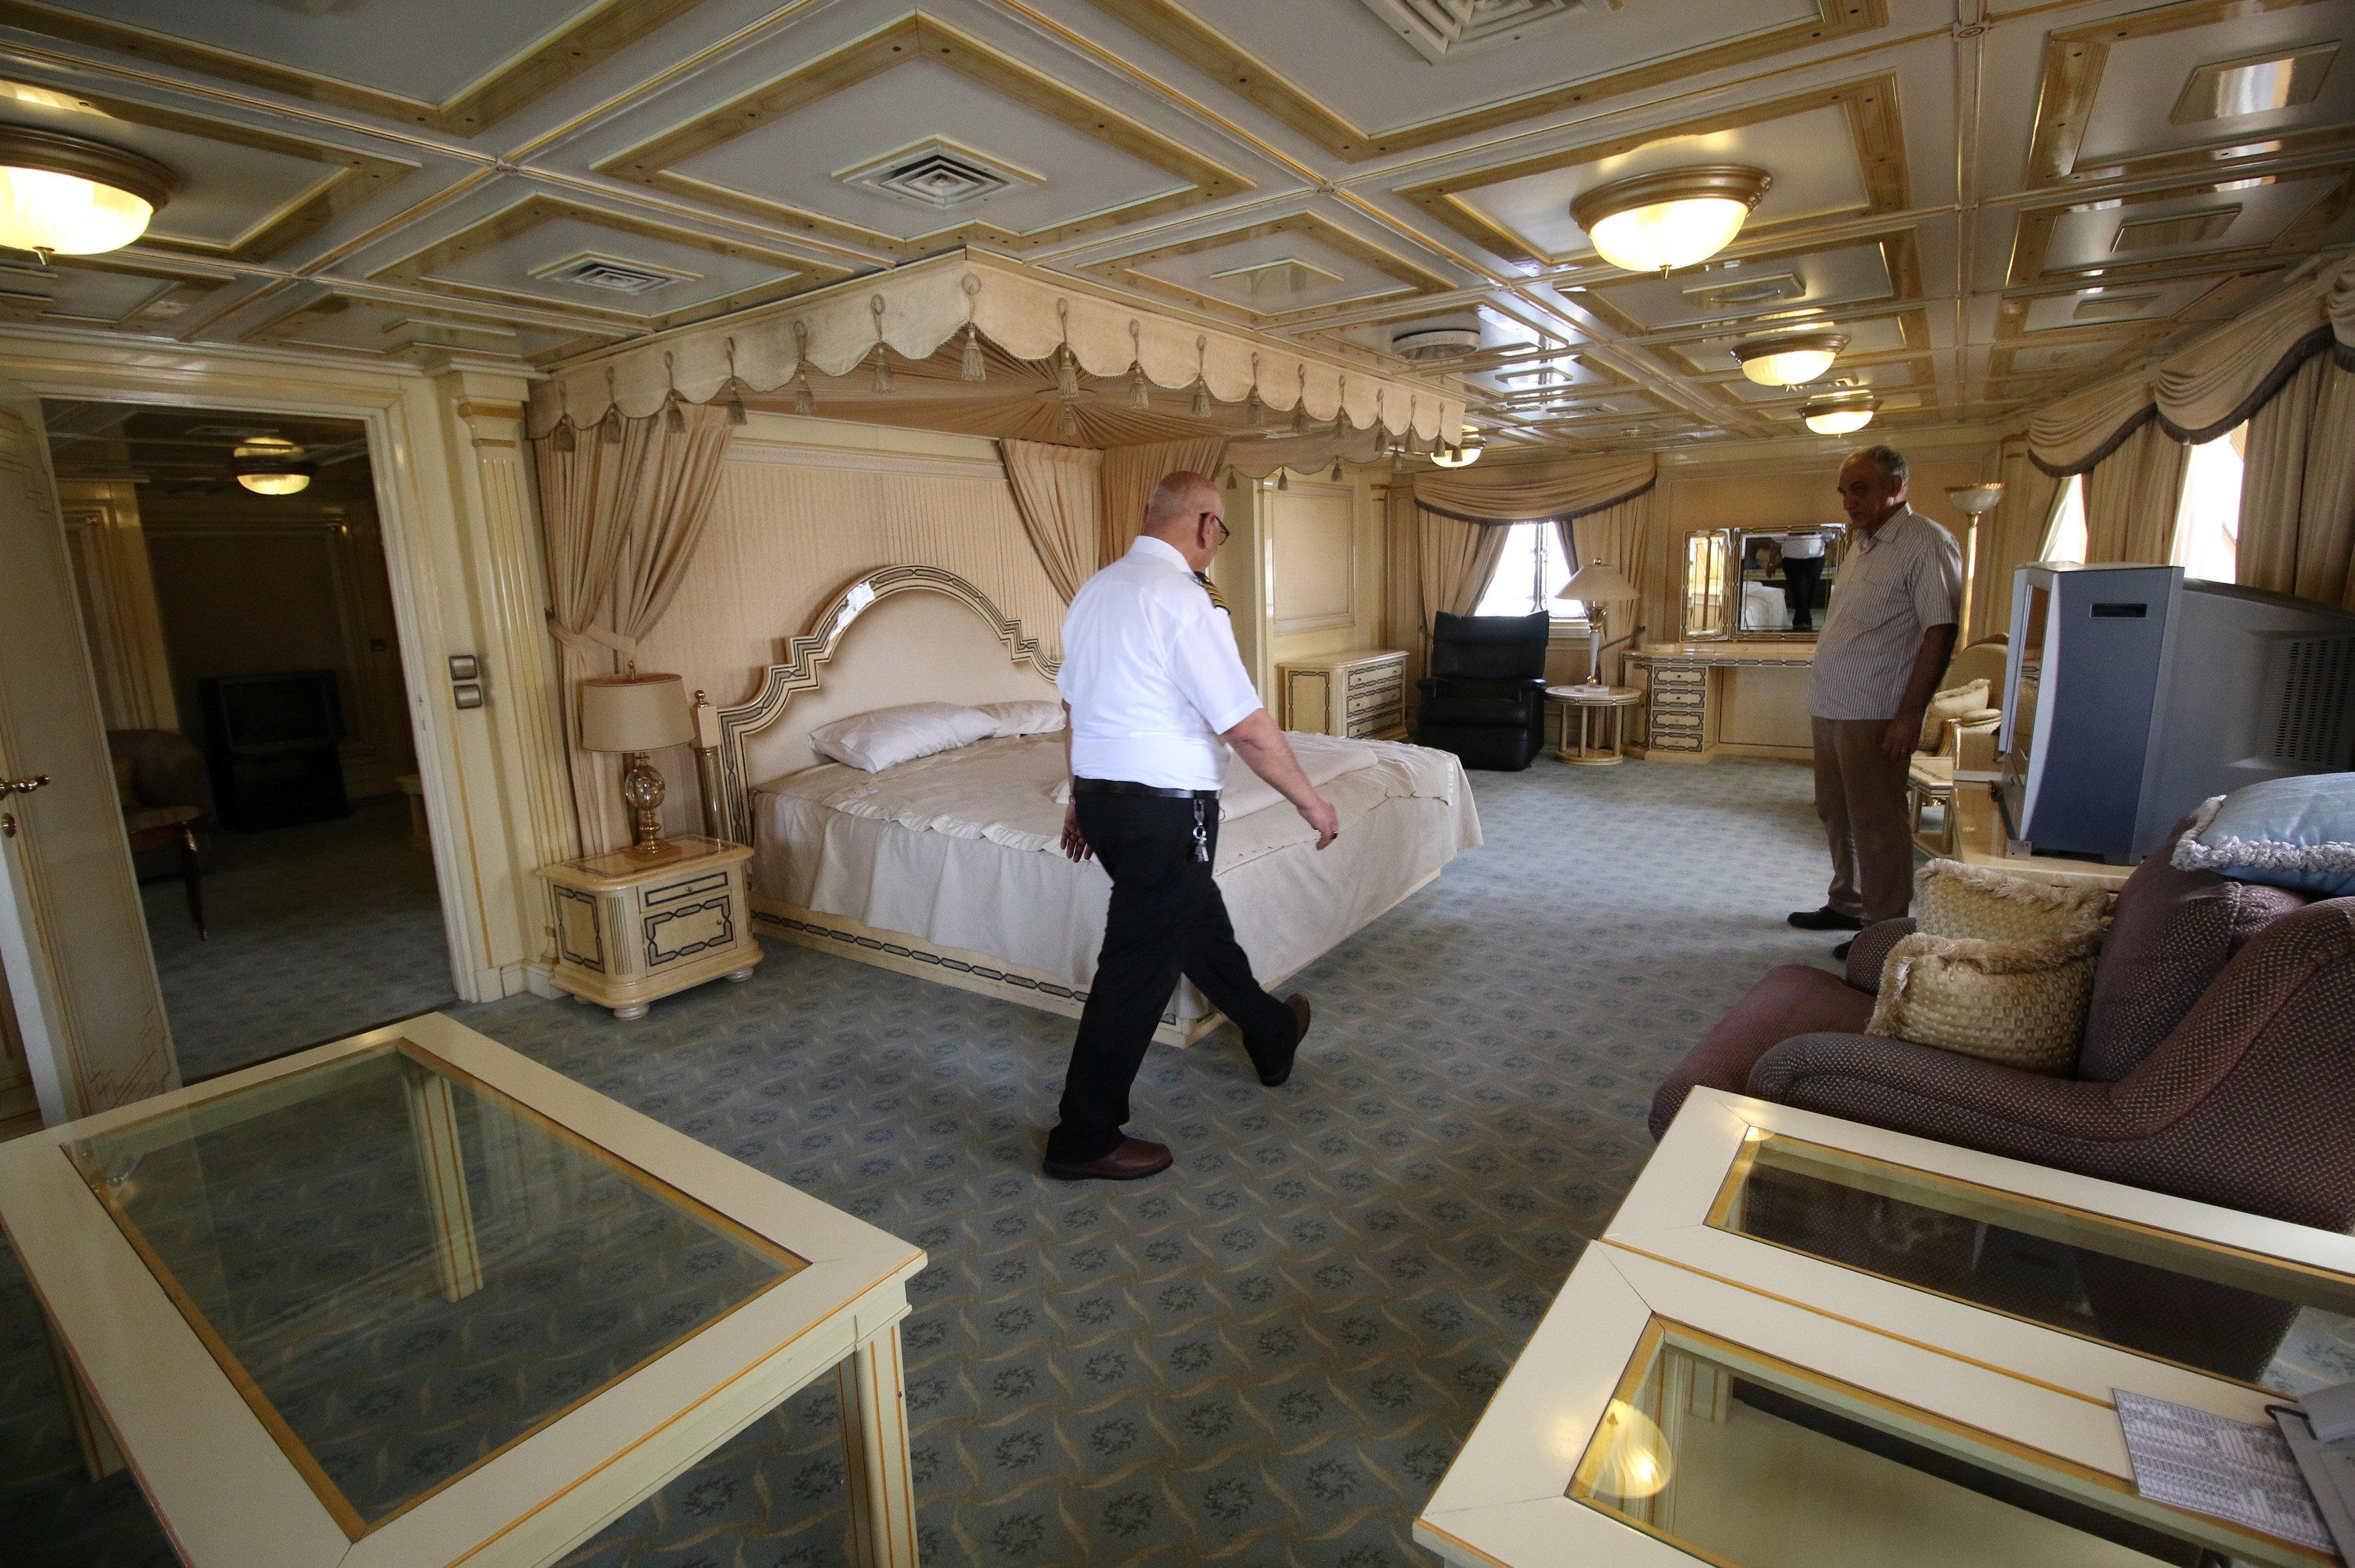 Суперъяхту Саддама Хусейна превратили в отель